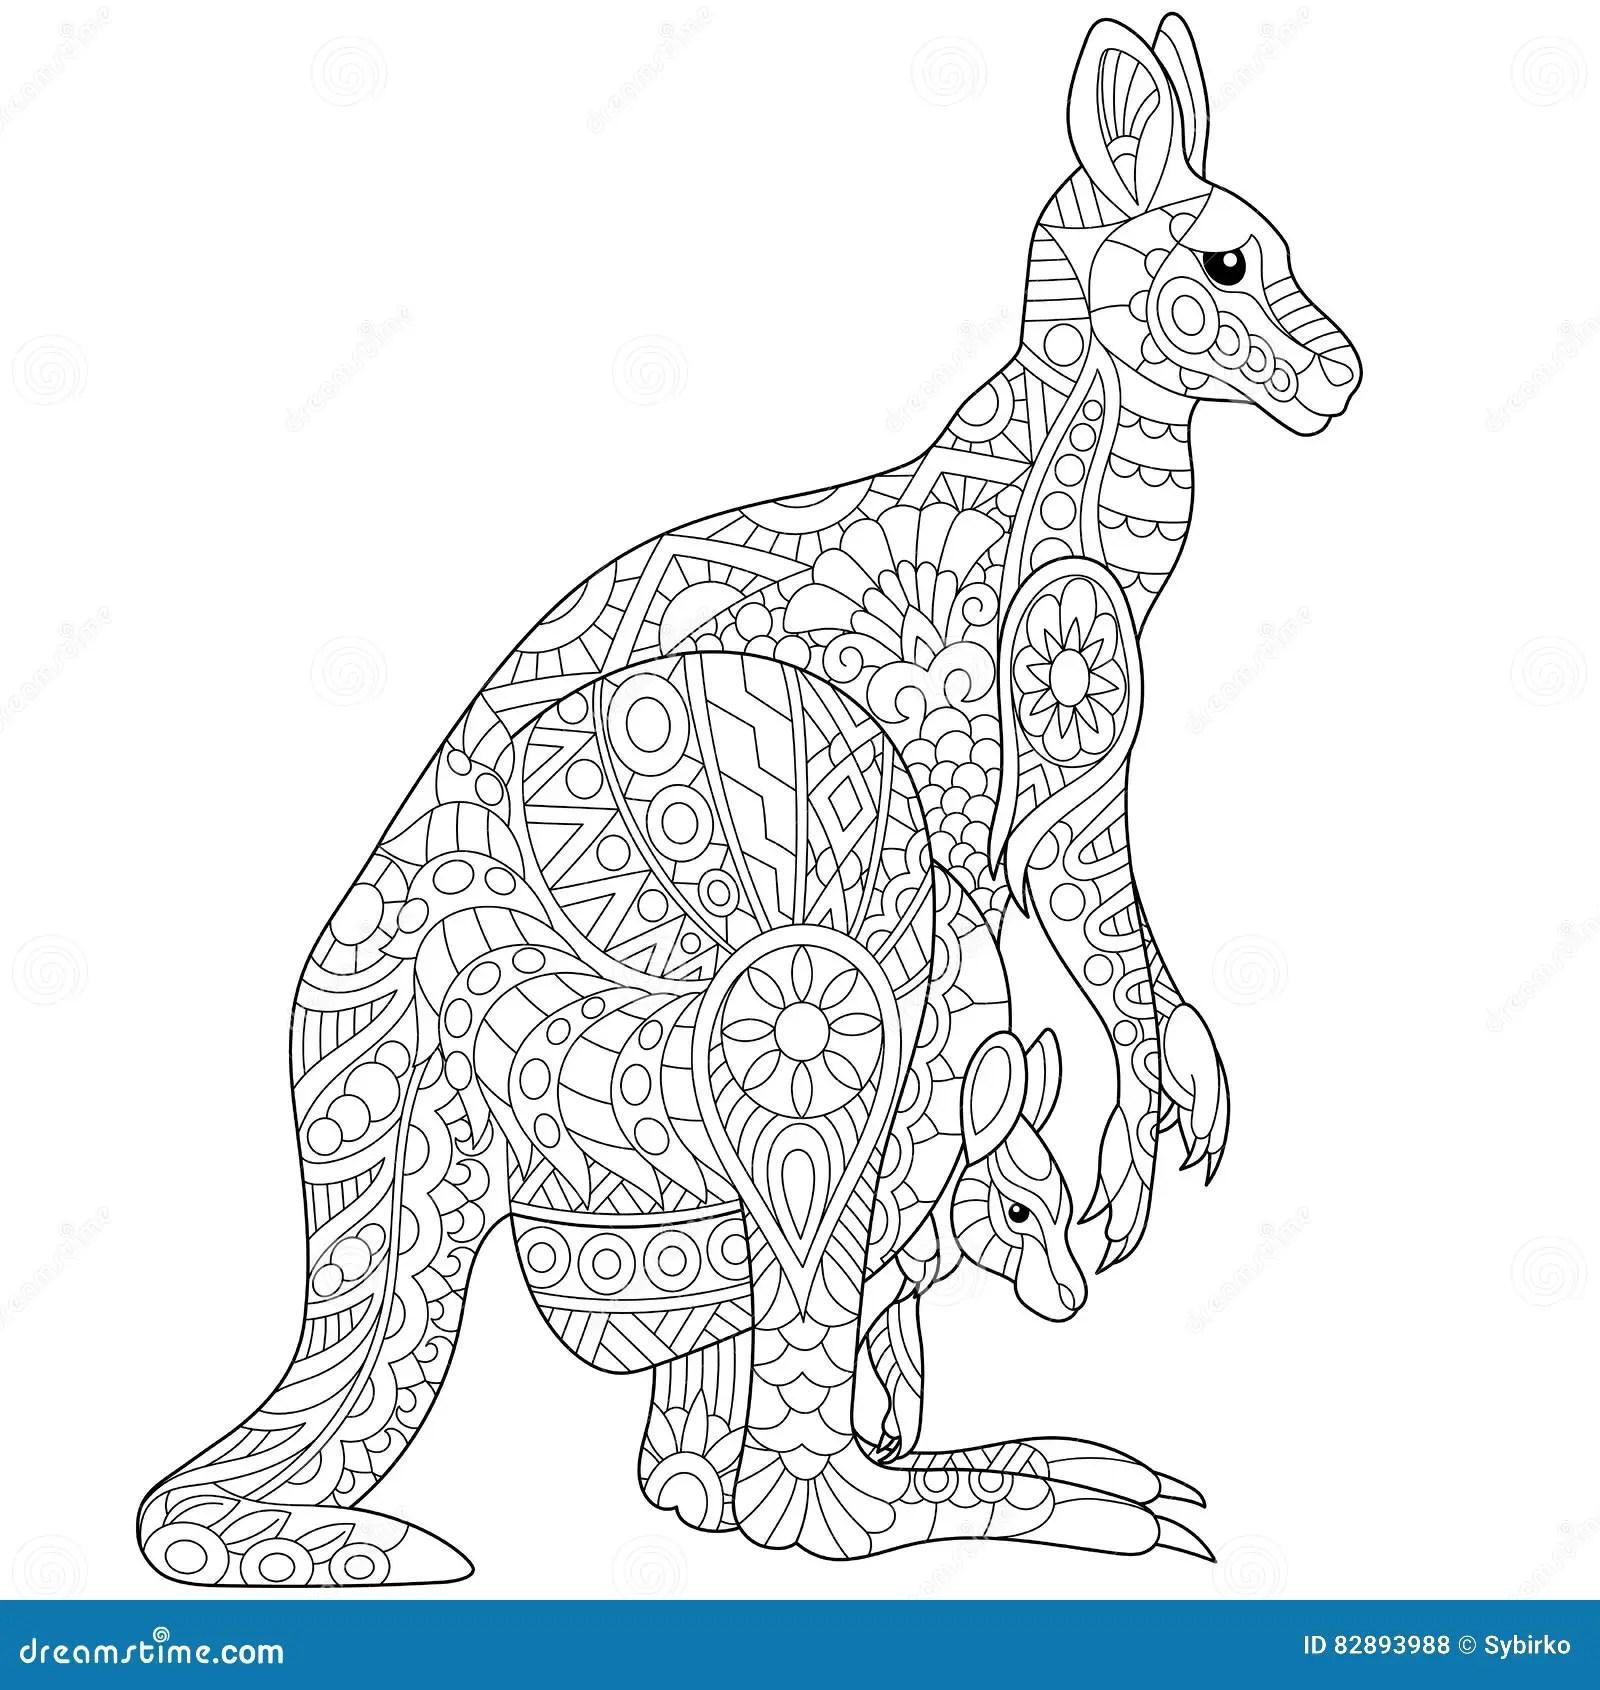 Zentangle Stylized Kangaroo Vector Illustration